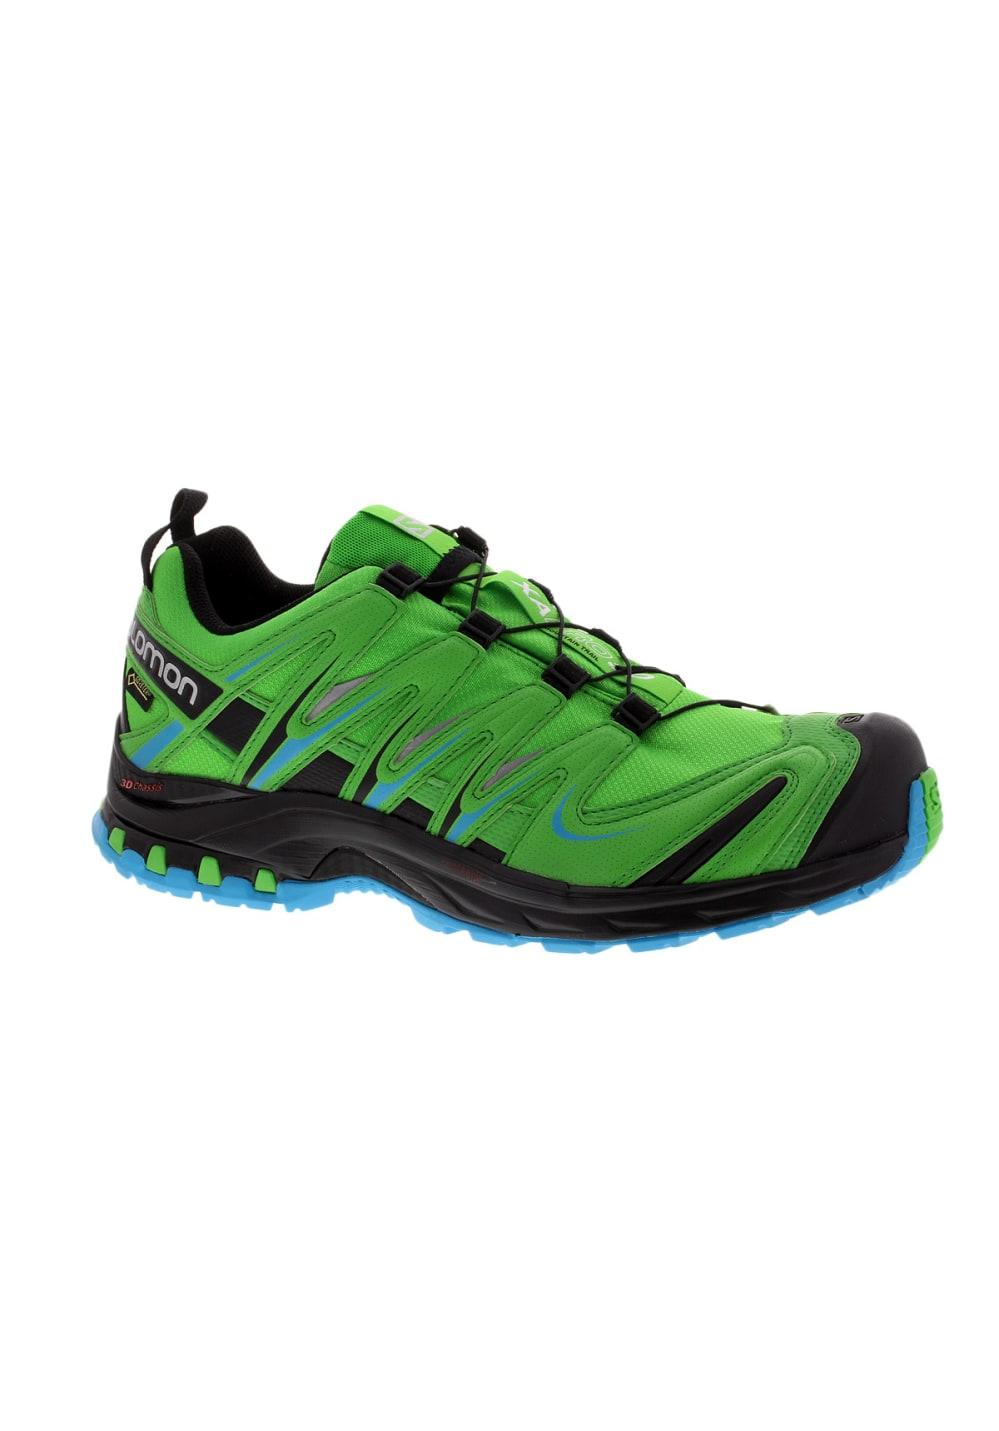 meilleur site web e1a1d 10da3 Salomon XA Pro 3D GTX - Running shoes for Men - Green